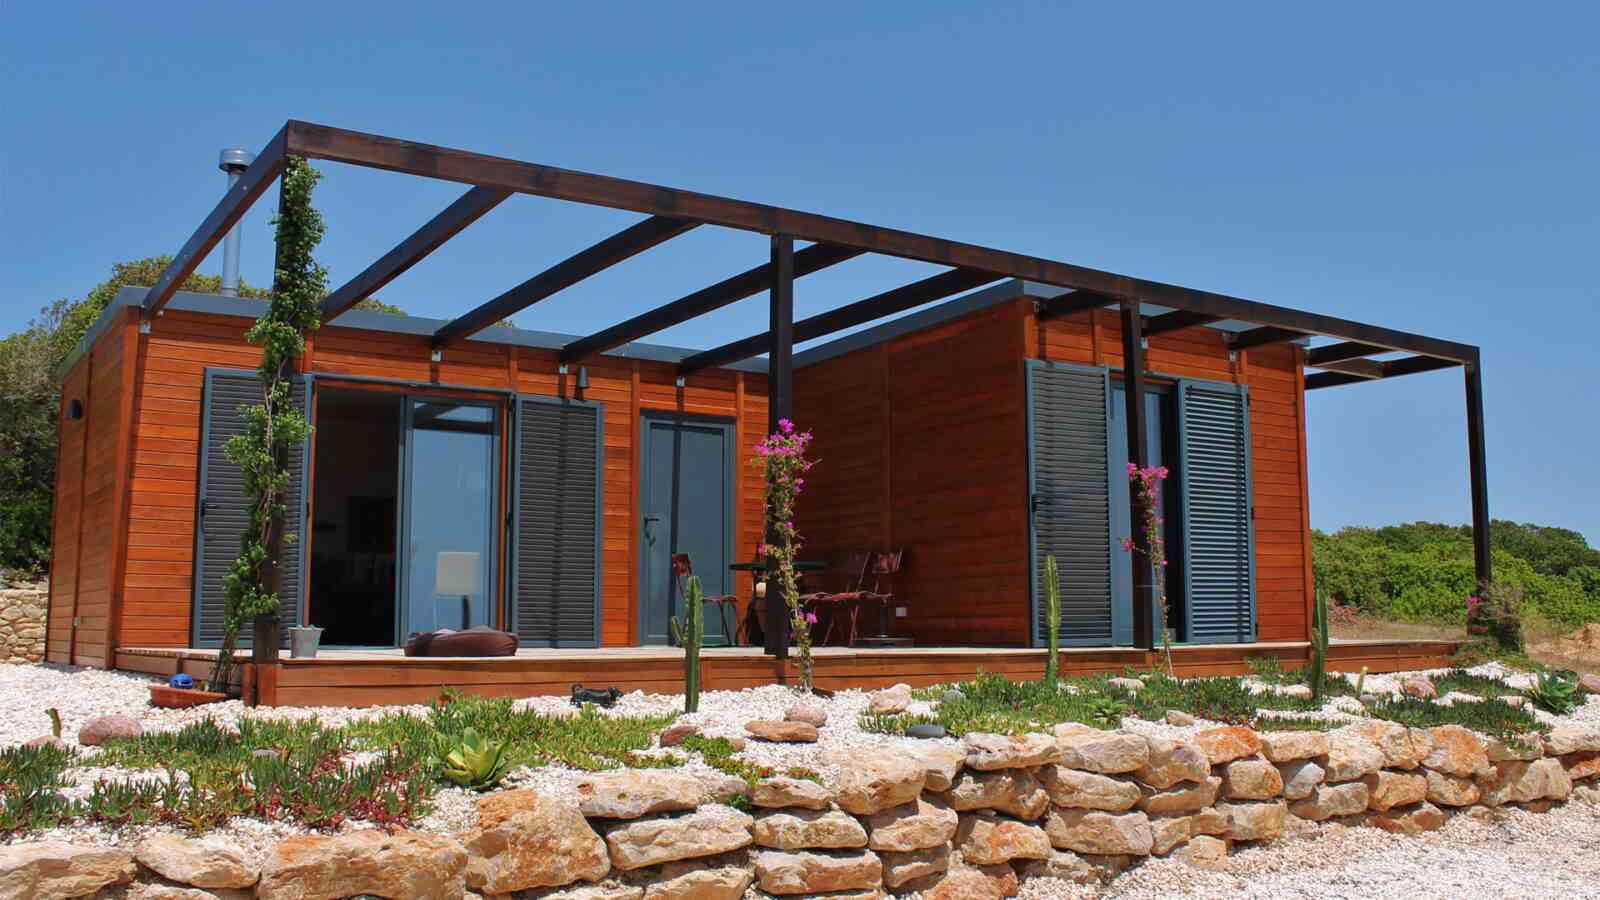 Casa de madeira modelo Casa Modular 100m², em Portugal